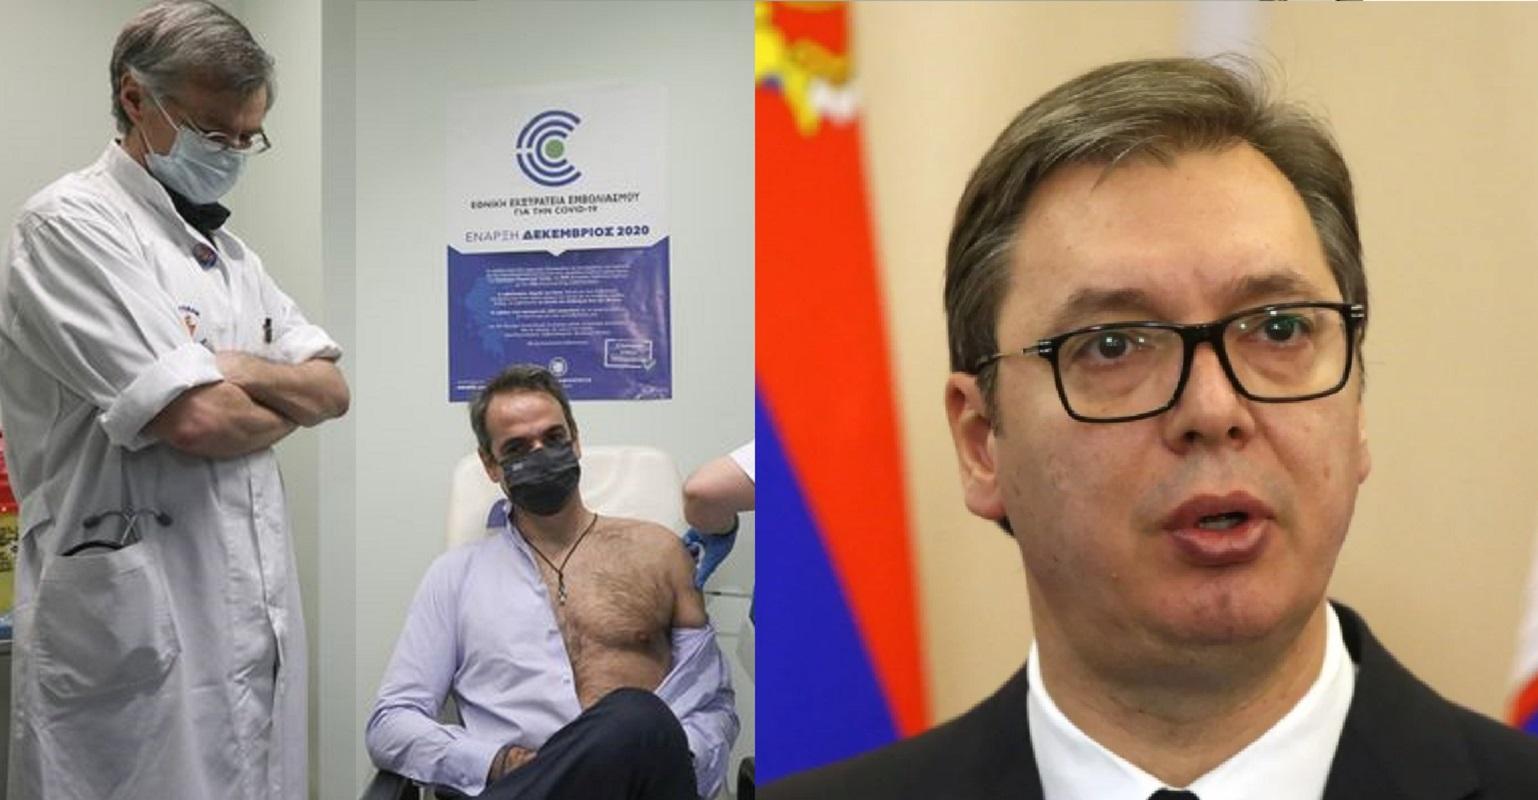 """Υποχρεωτικός Εμβολιασμός: Πάλι έγινε ρόμπα (όχι ιατρική) ο Μητσοτάκης από τον Σέρβο πρόεδρο """"Επαίσχυντη η ιδέα """""""